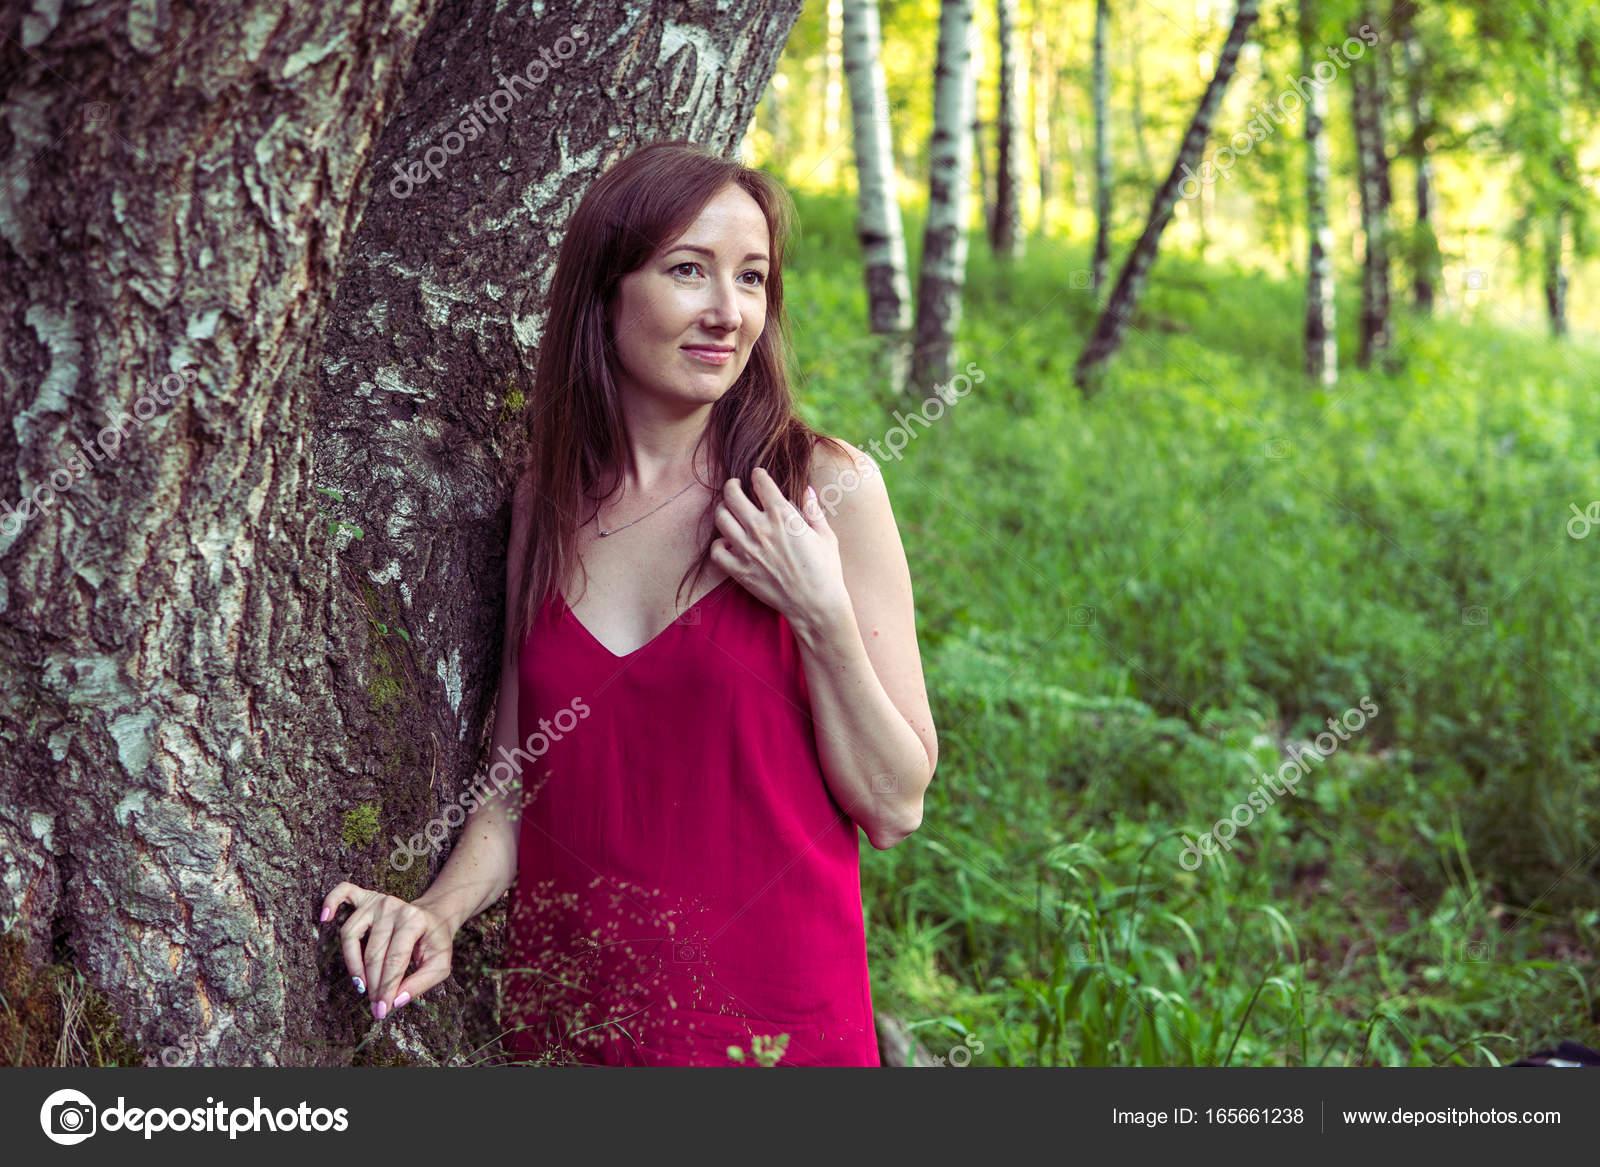 Идеи для фото в лесу : лучшие изображения (8) Творческая фотография